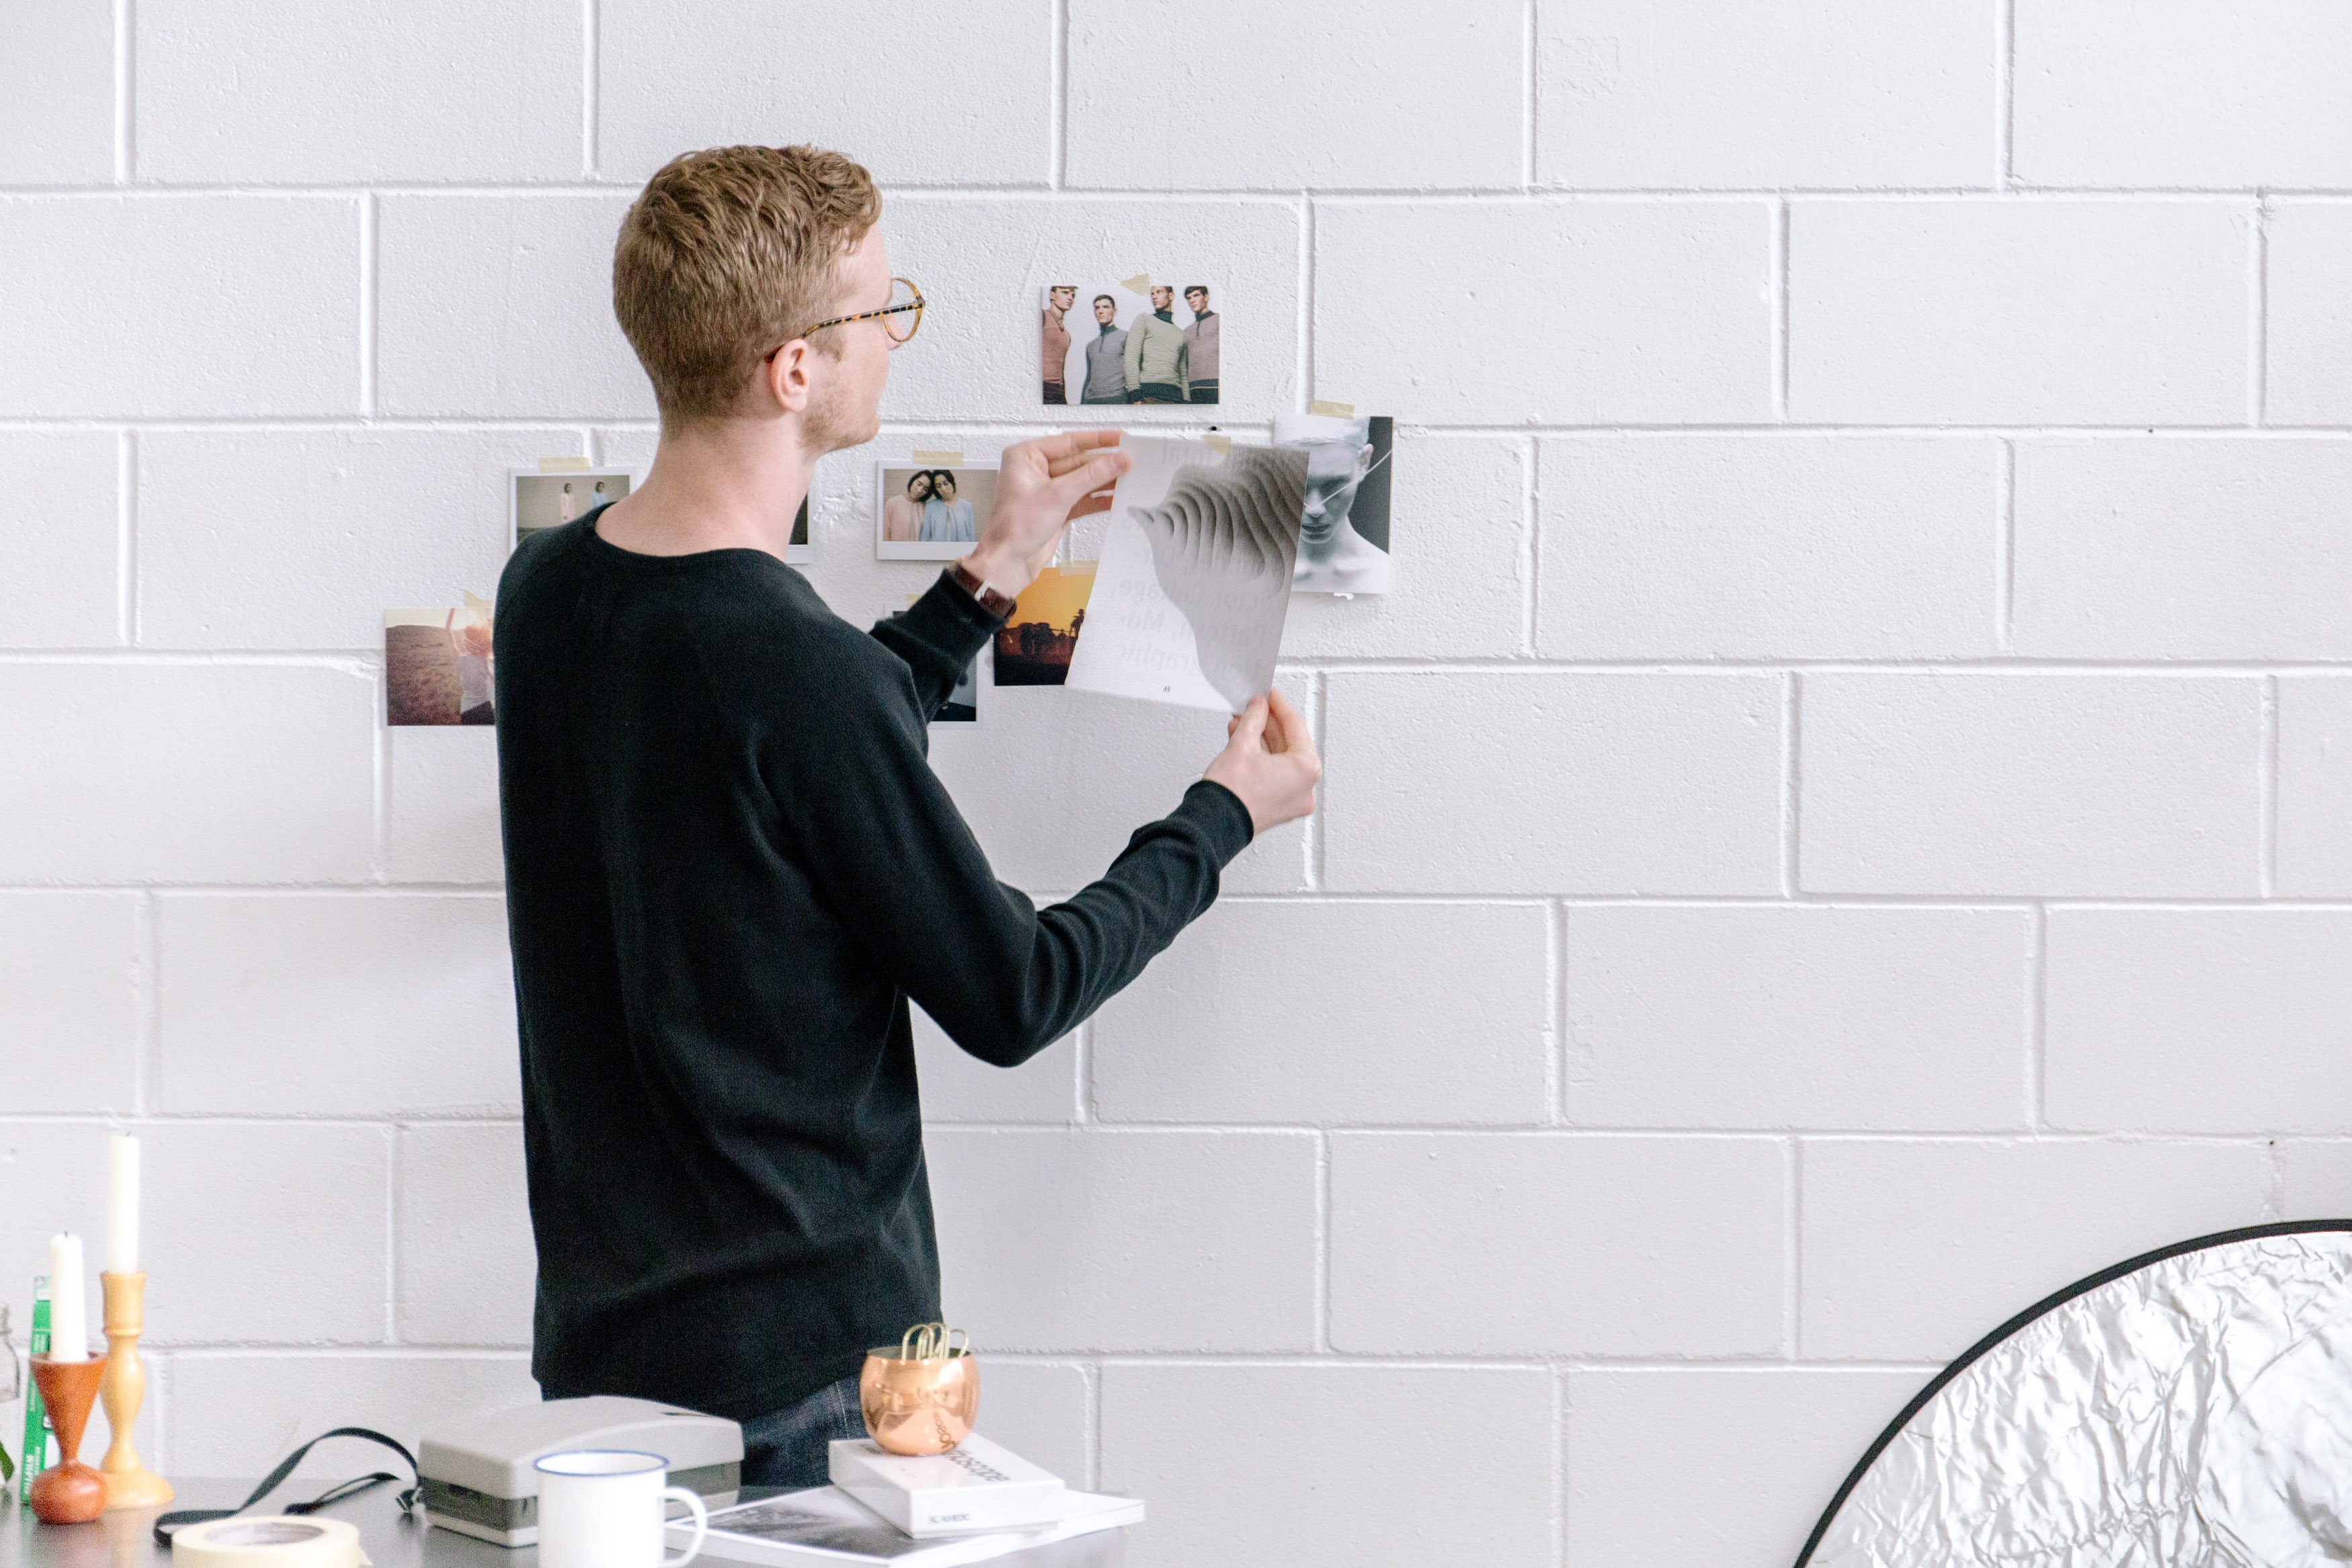 sự sáng tạo đàn ông cầm giấy